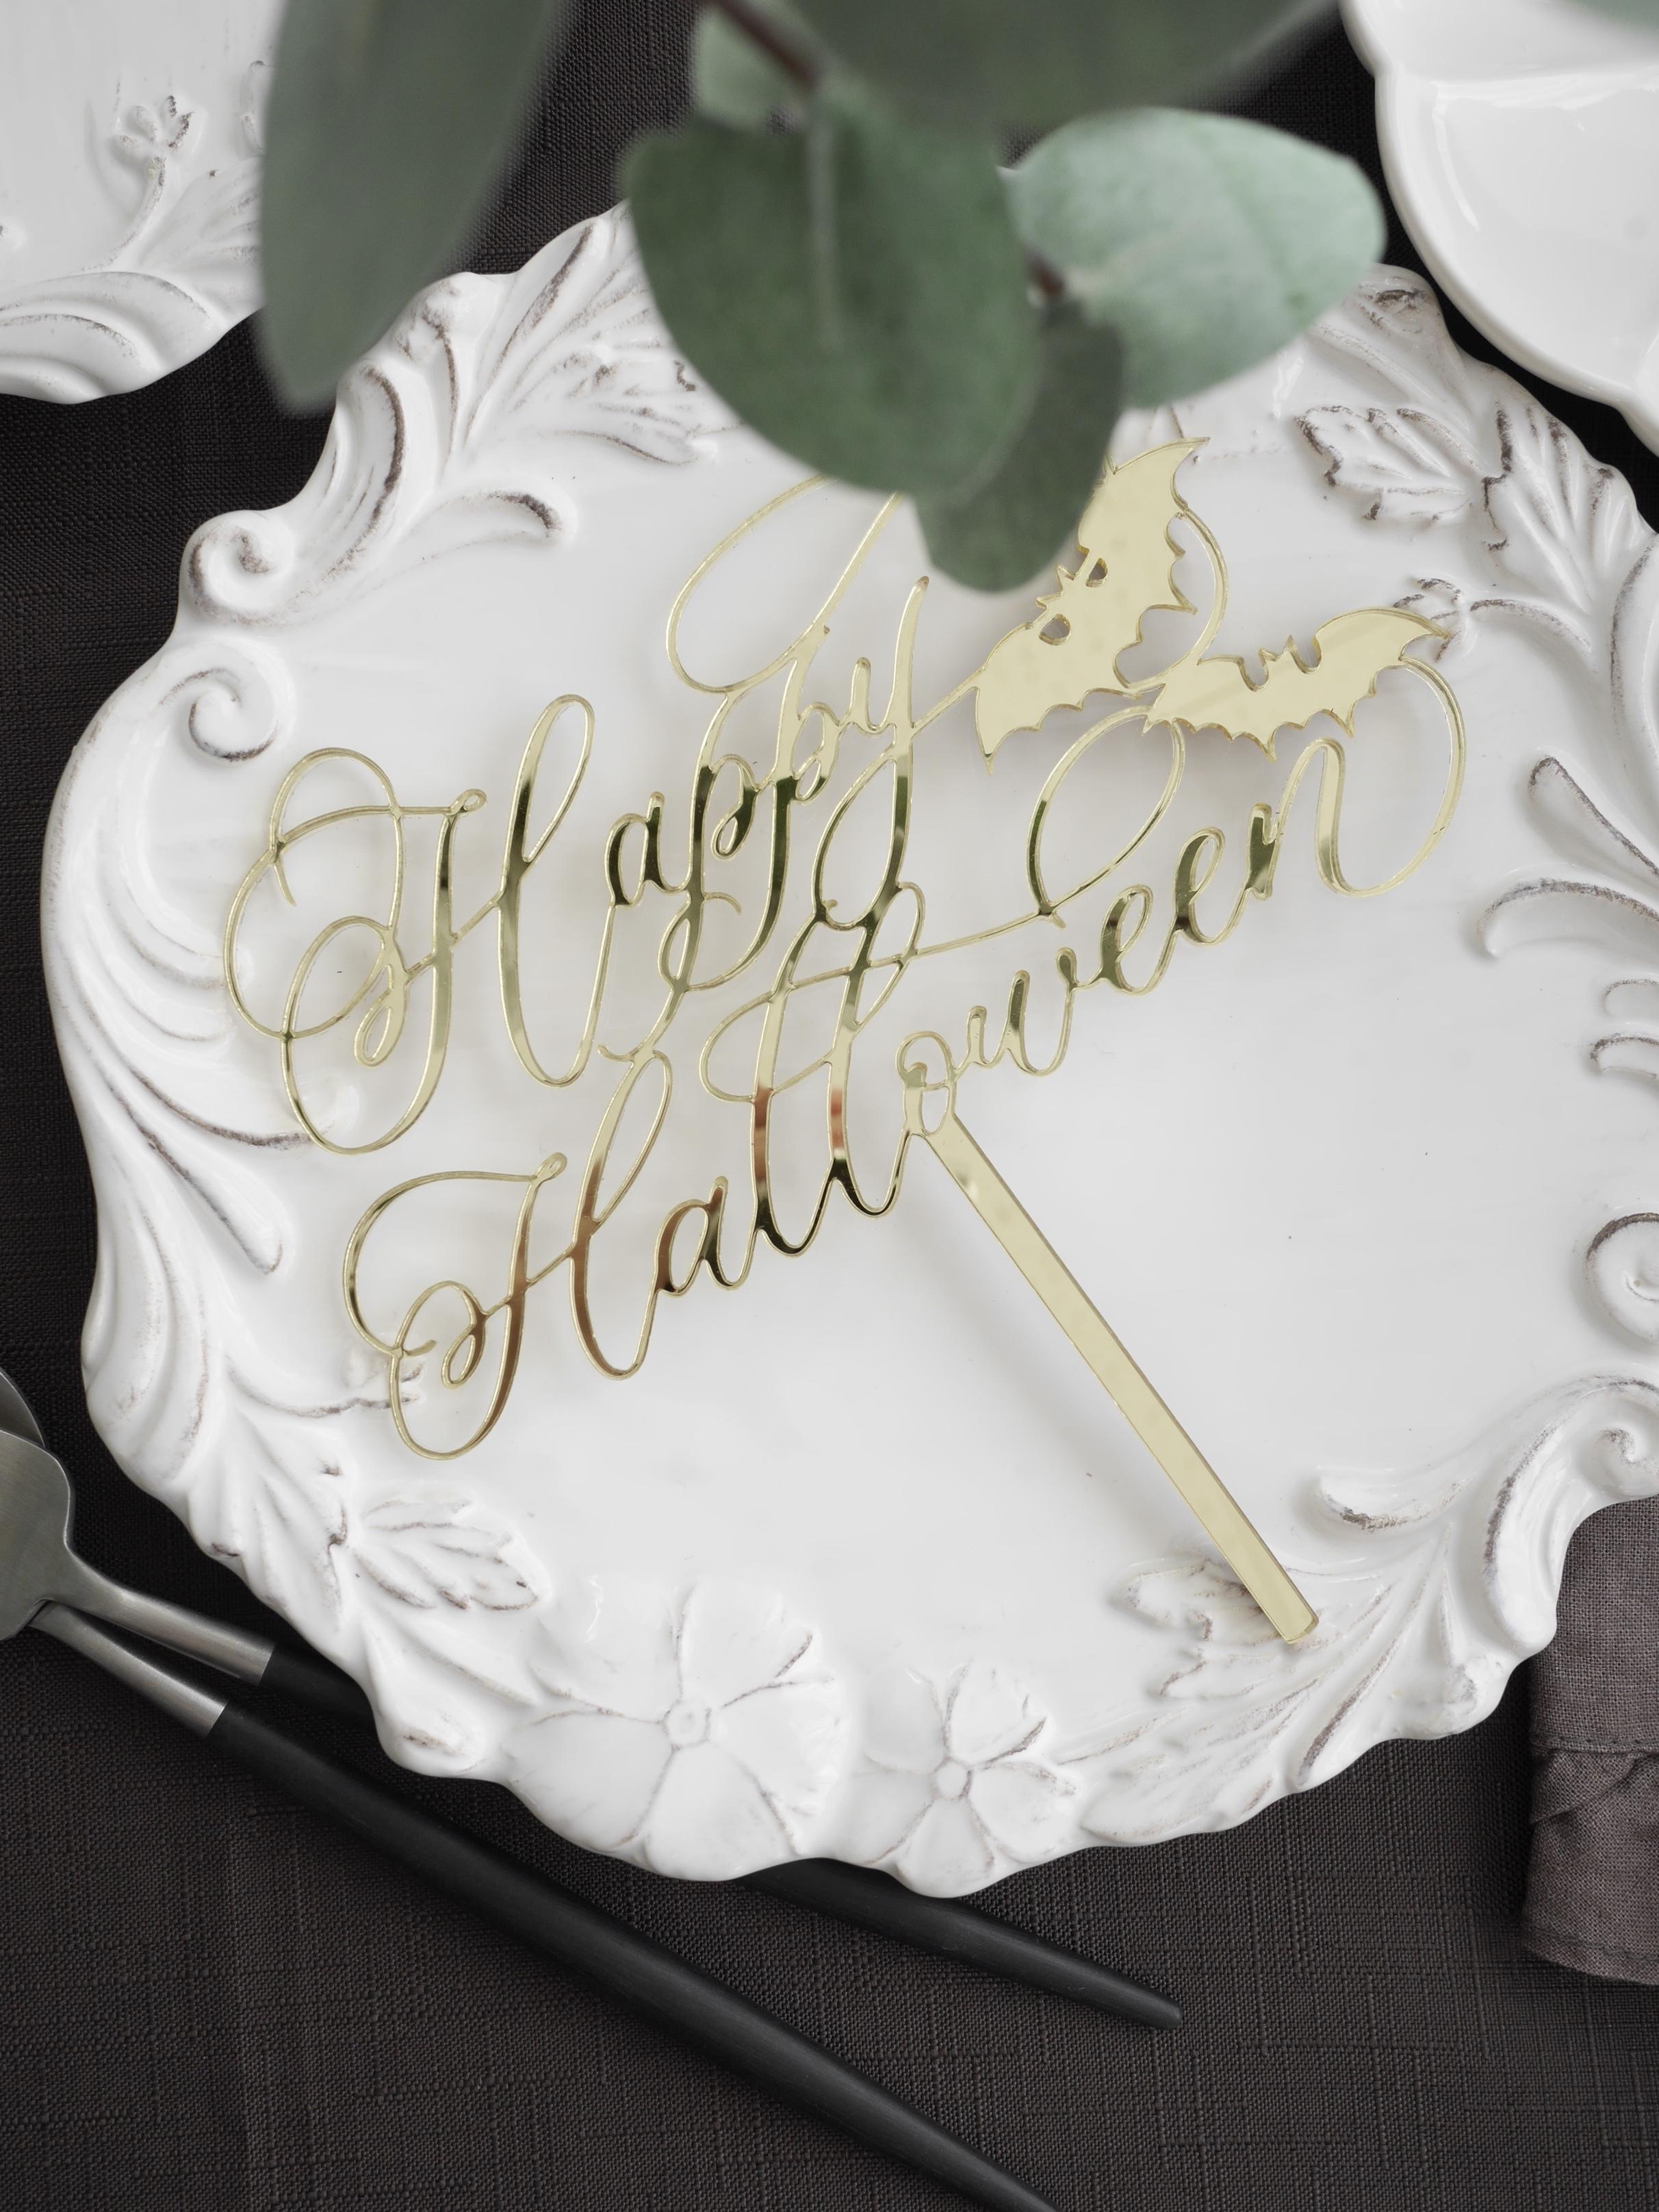 Halloween オリジナルケーキトッパー